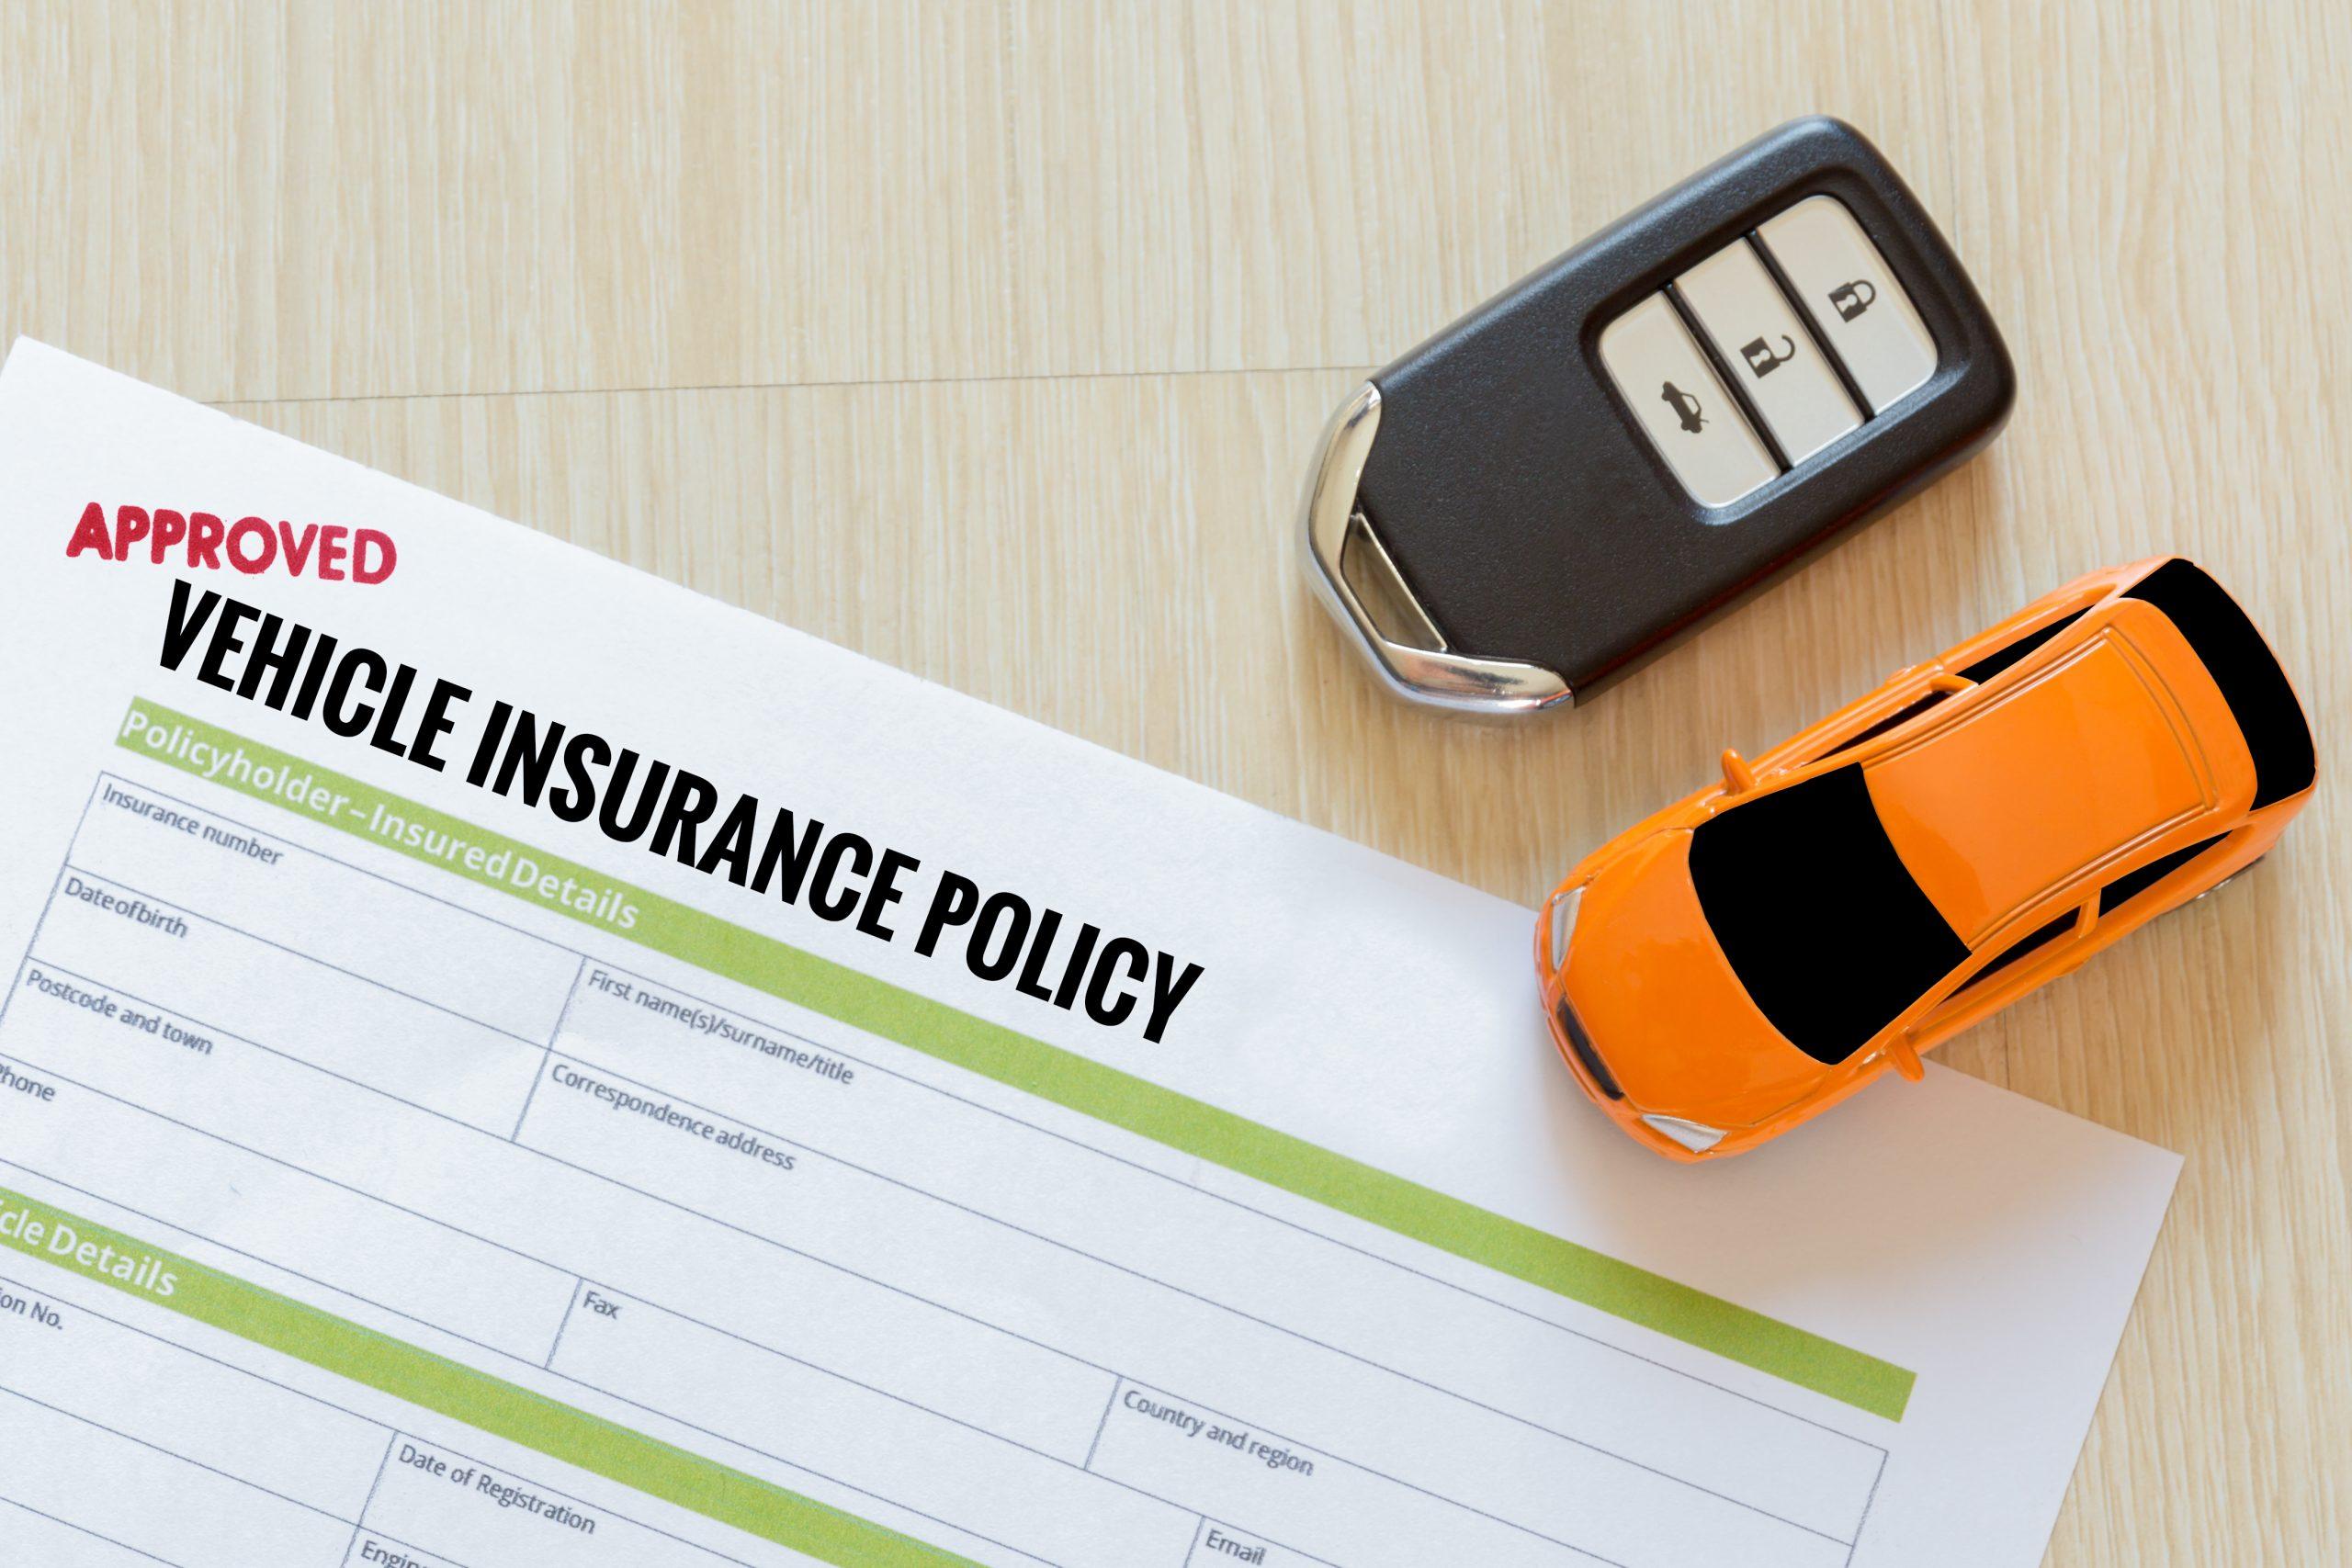 Escroquerie au volant, police d'assurance automobile